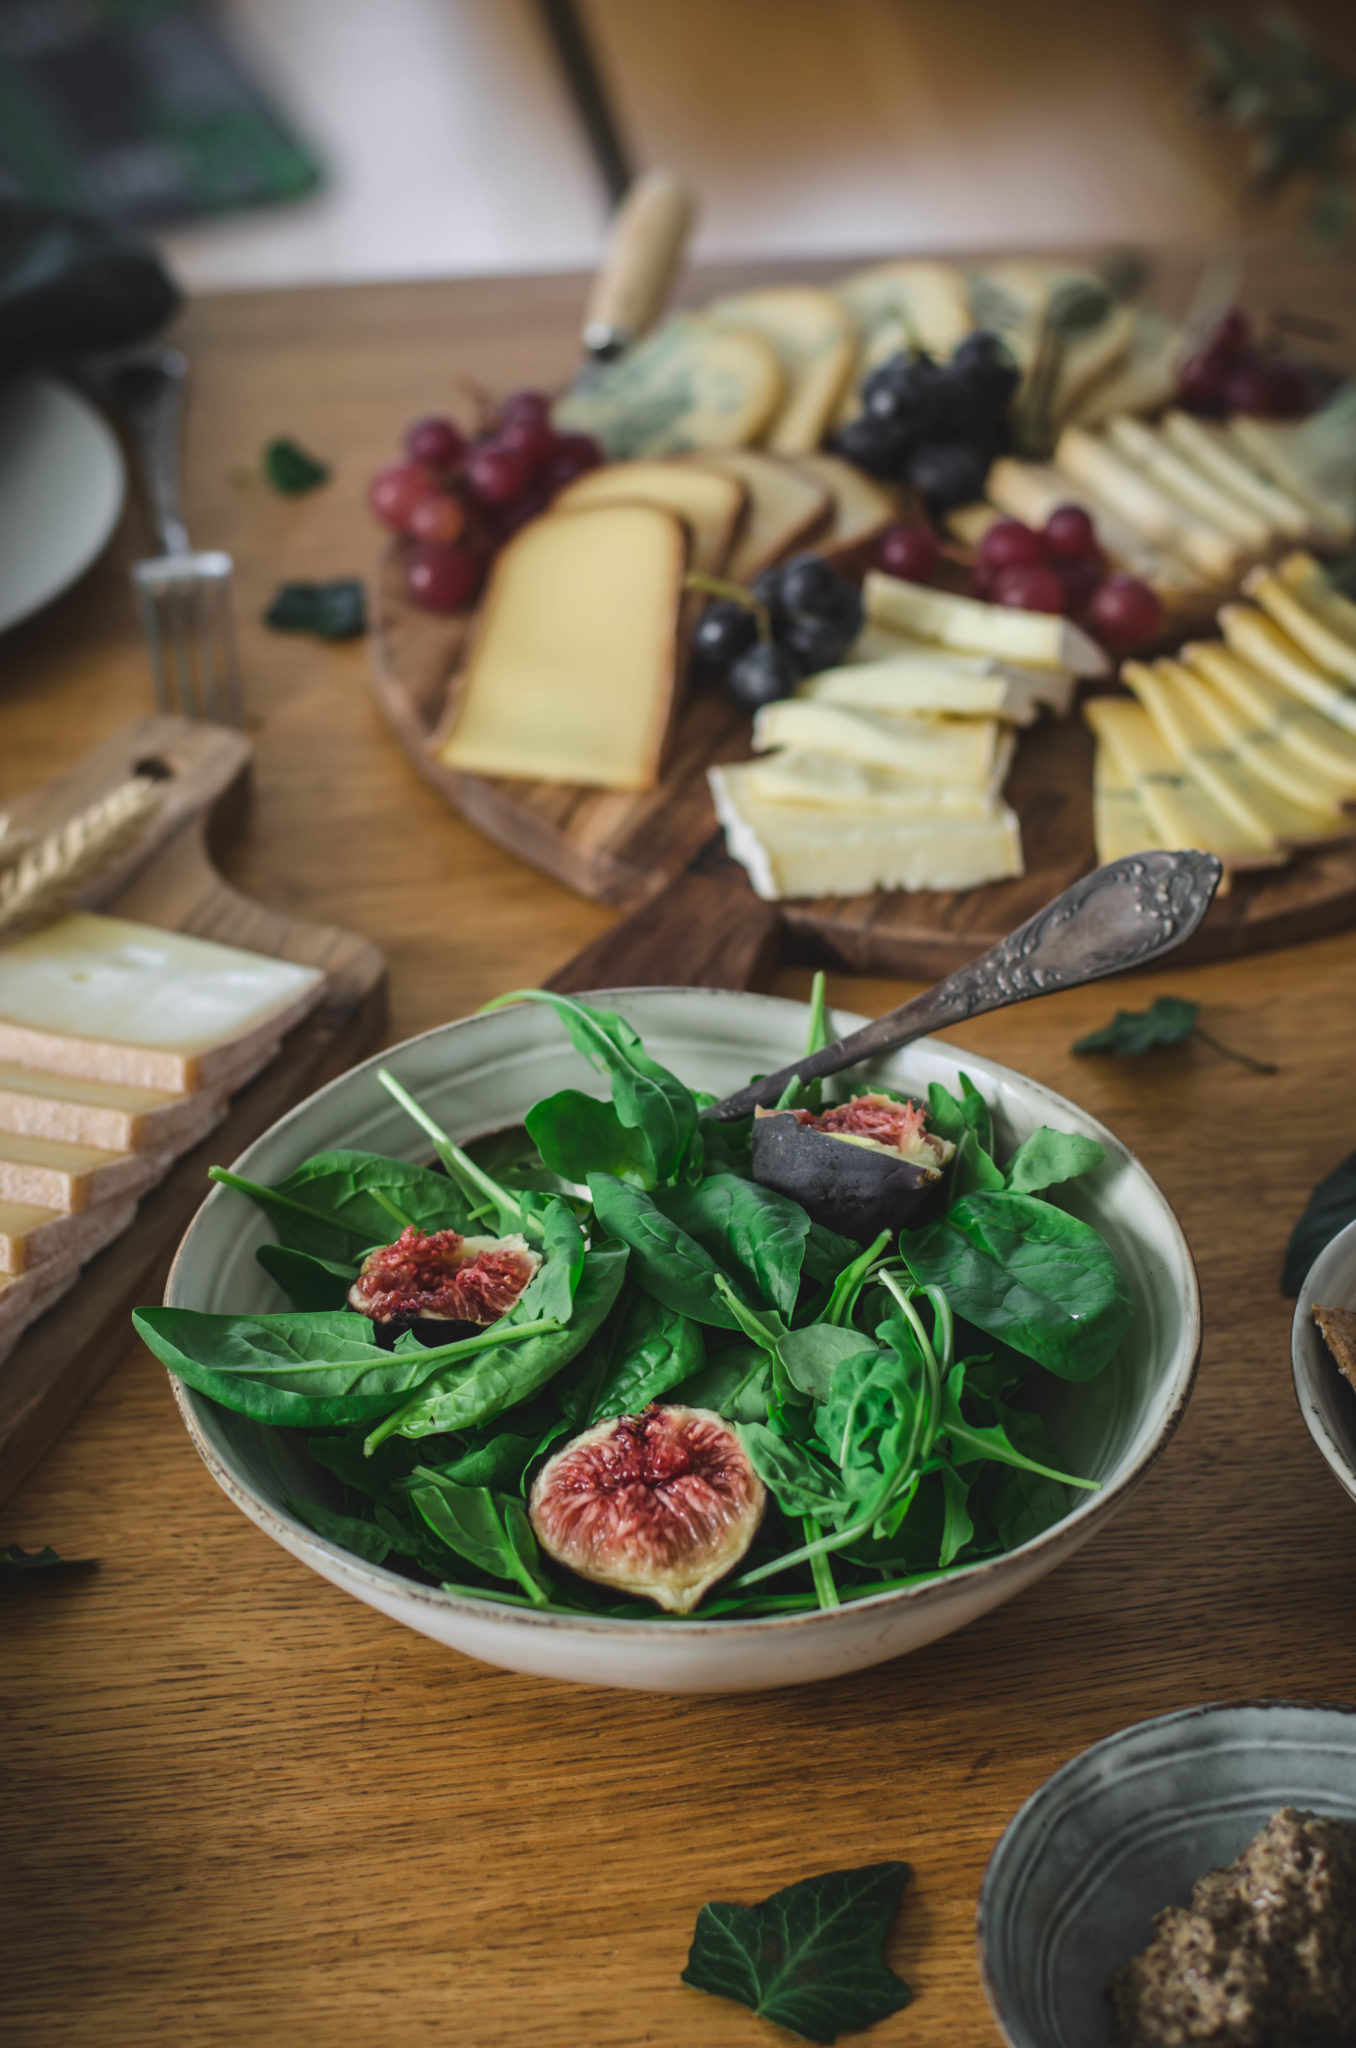 Salade composée pour accompagnement